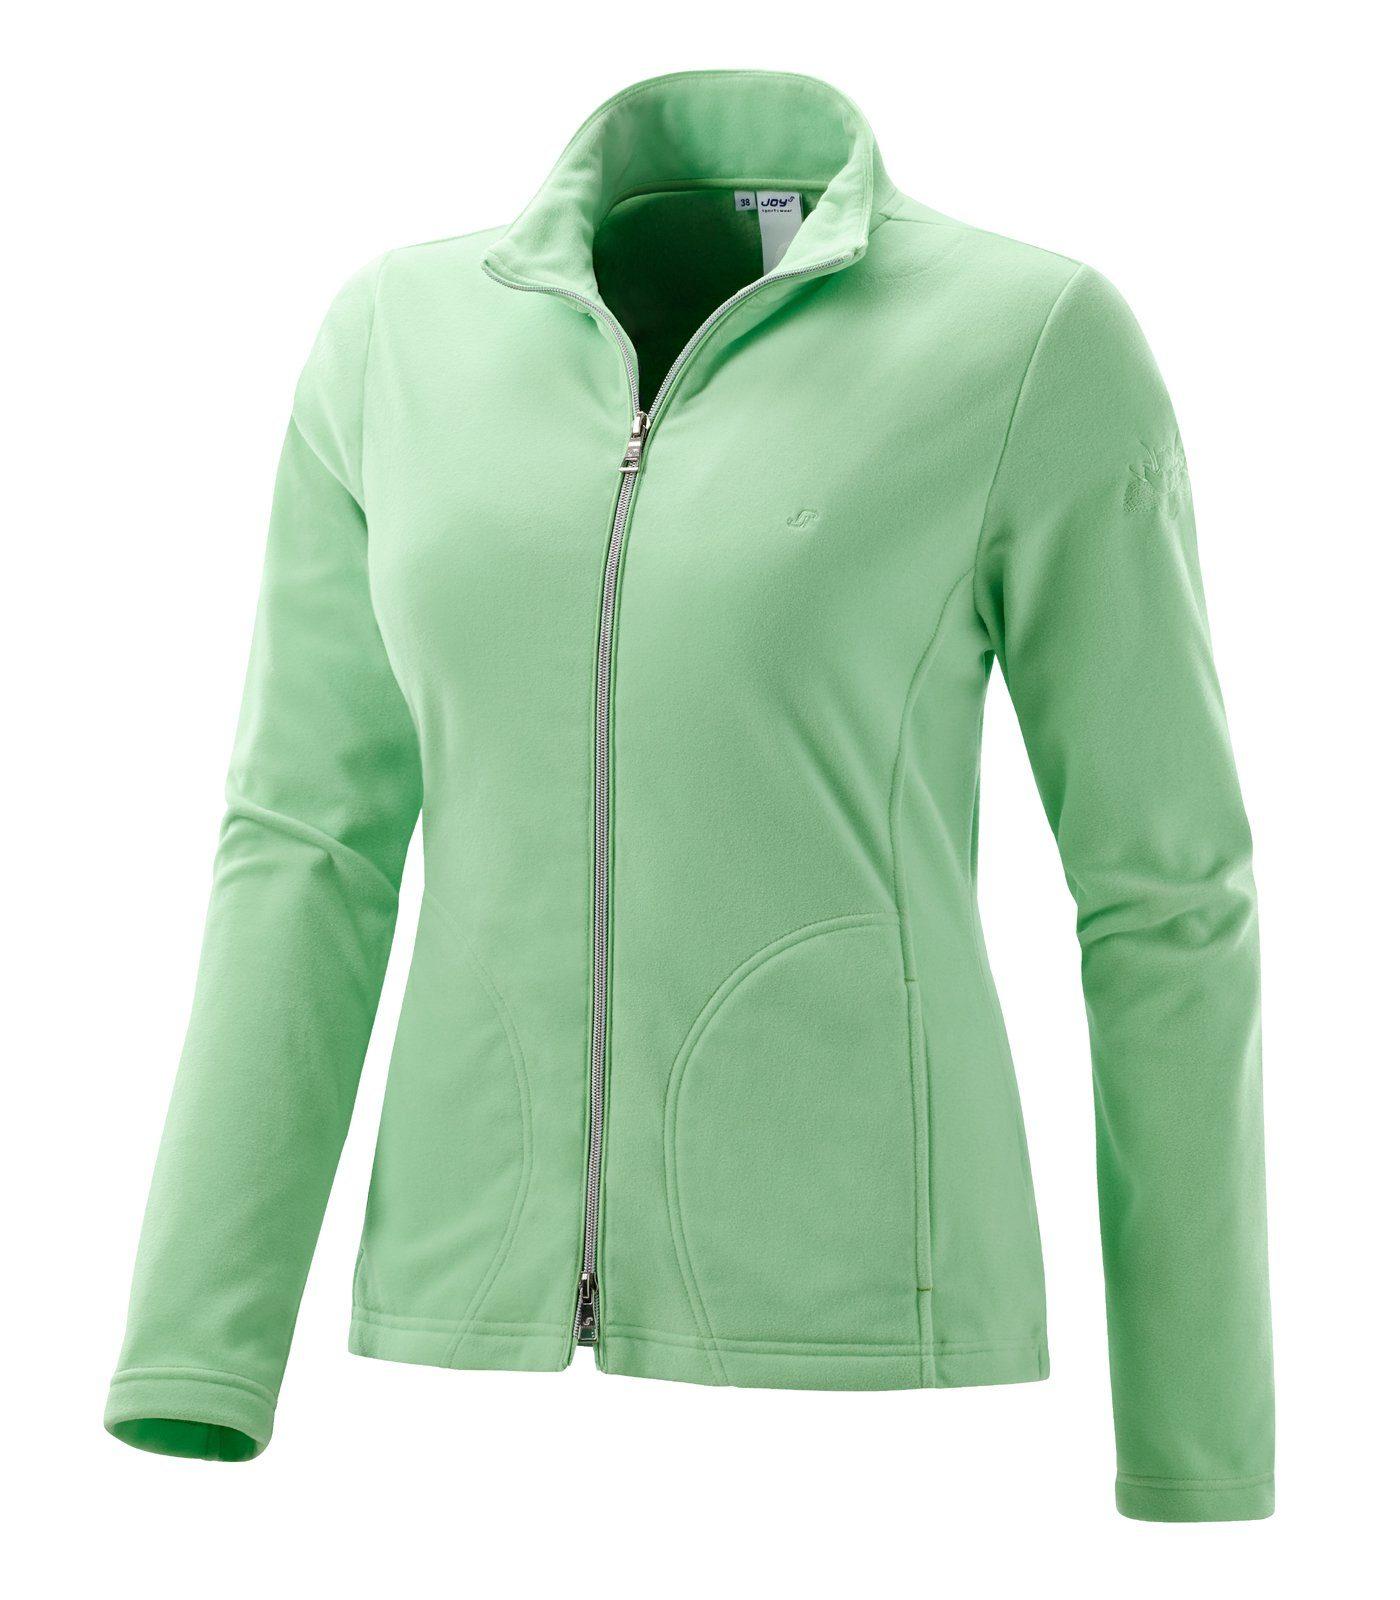 Joy Sportswear Fleecejacke DARCIE   Sportbekleidung > Sportjacken > Fleecejacken   Grün   Joy Sportswear